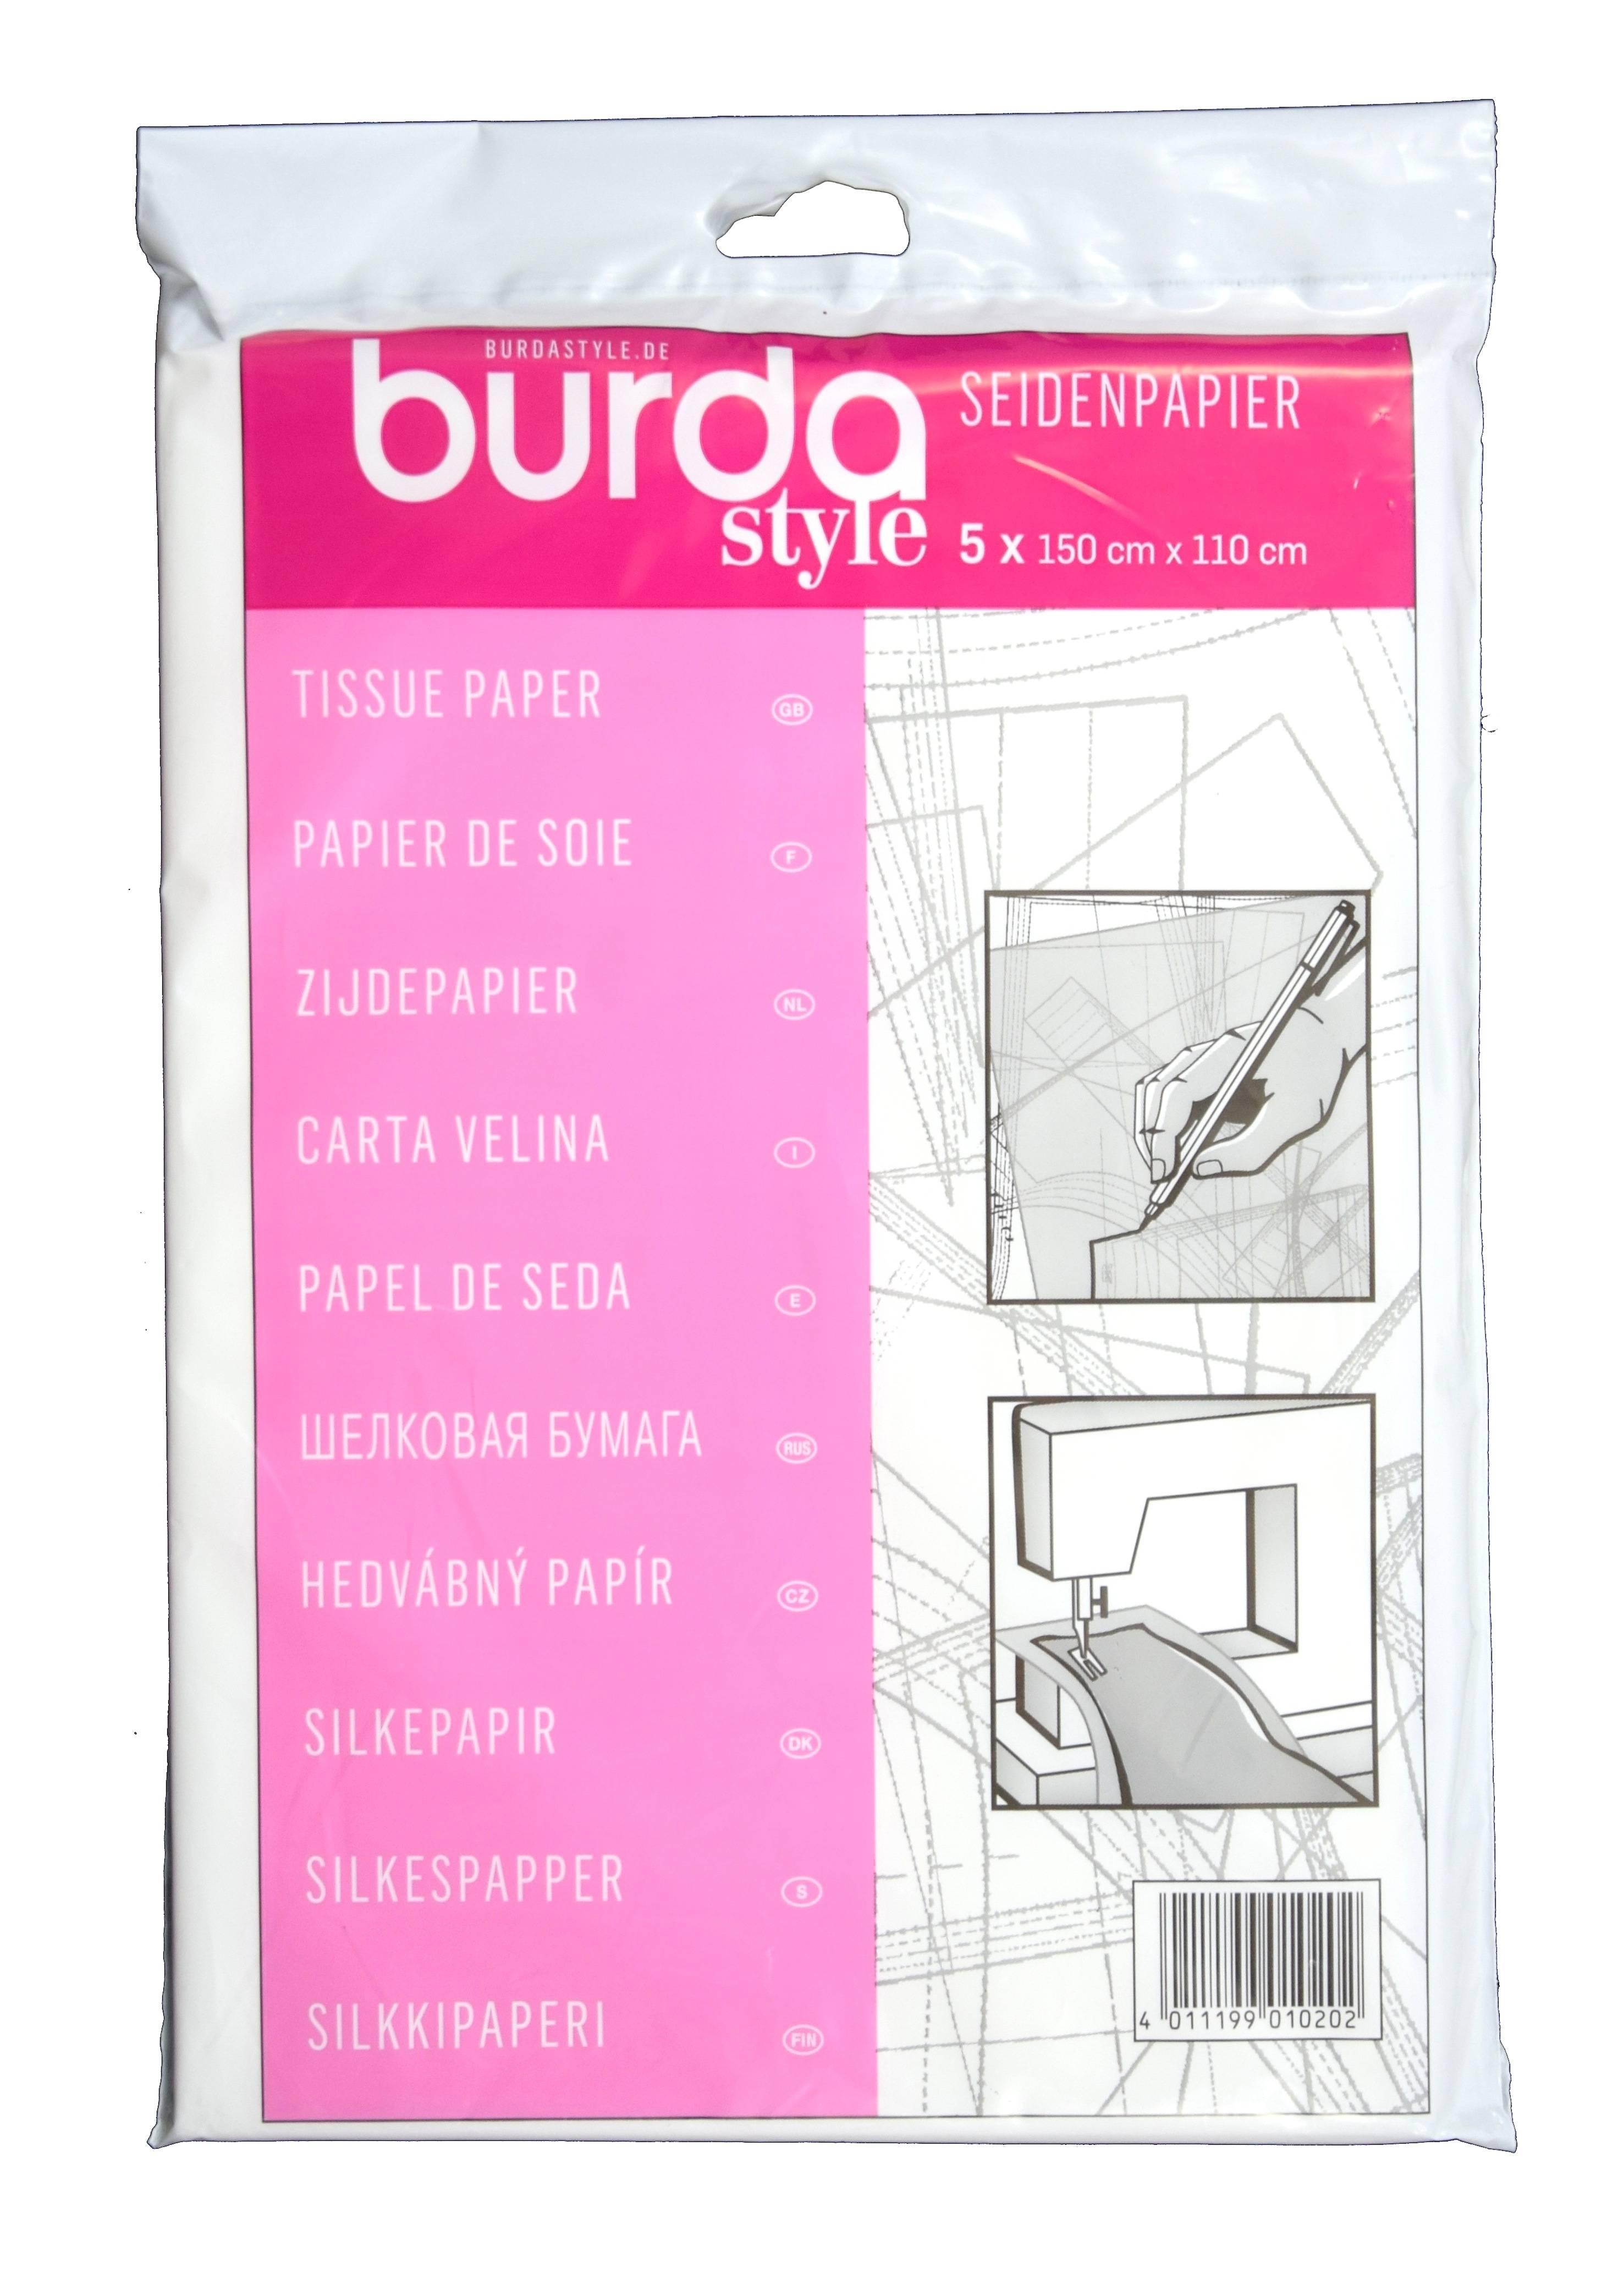 Carta Velina - Burda